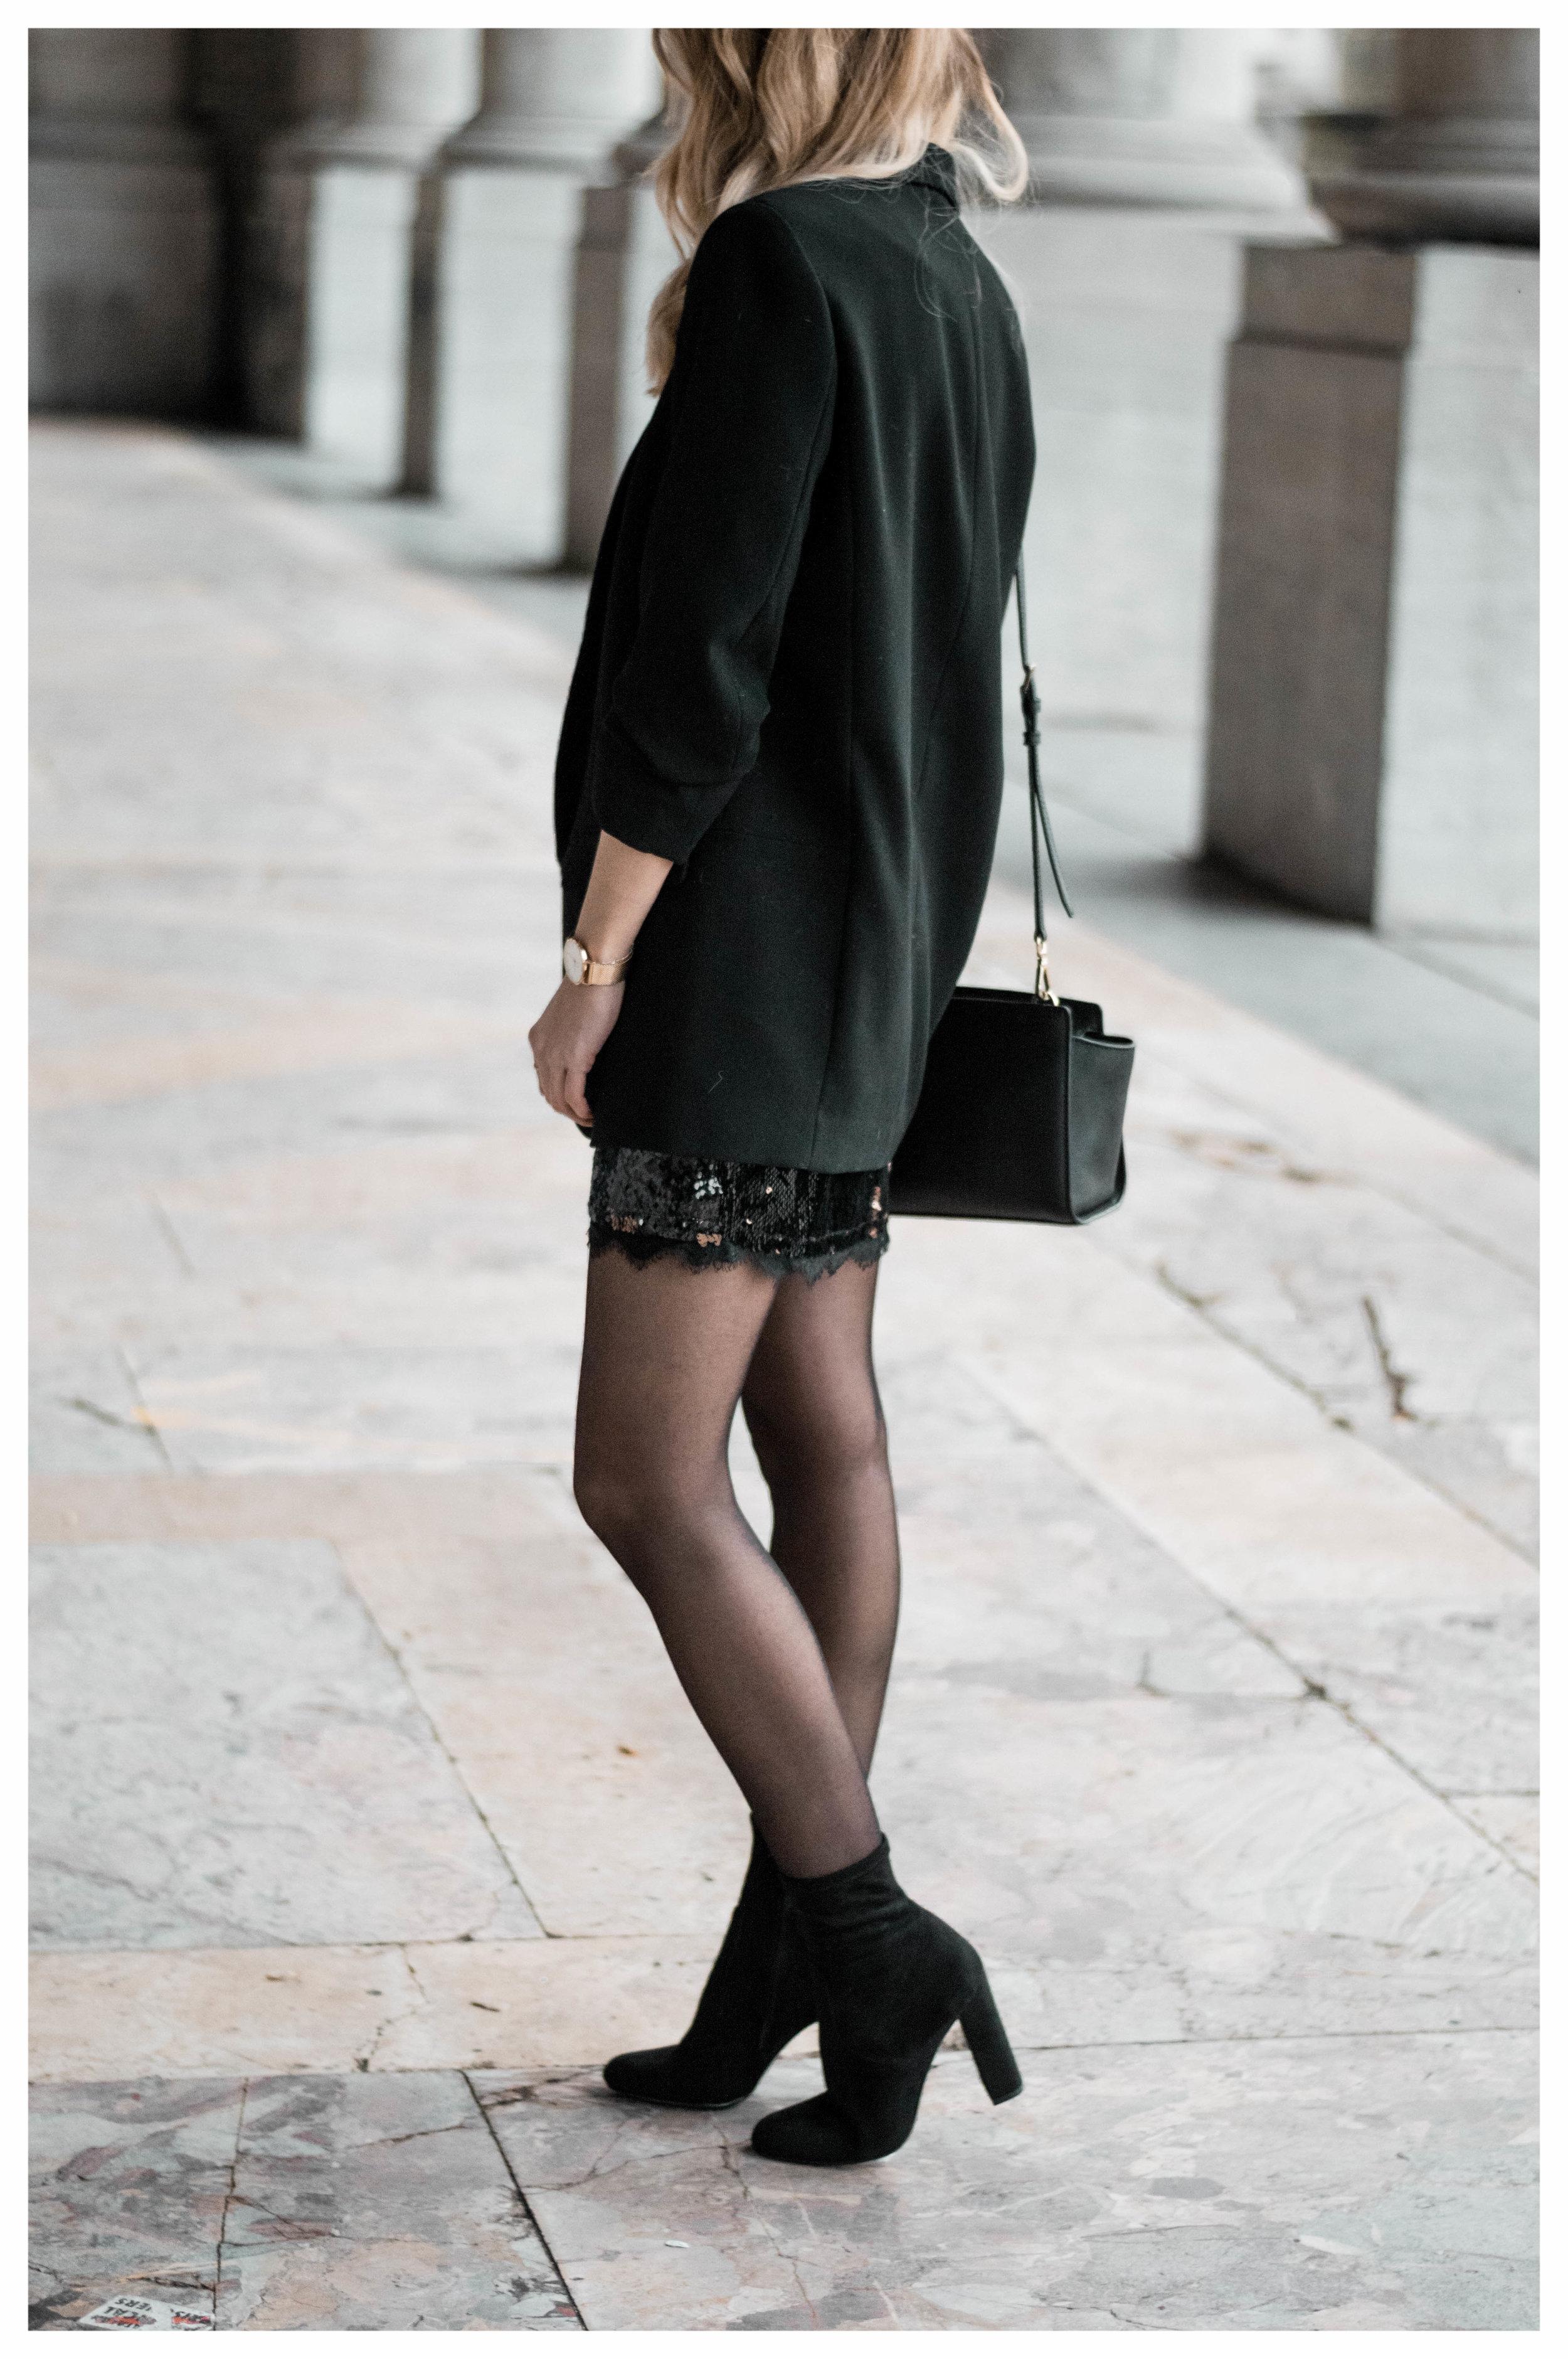 Party Dress Zalando - OSIARAH.COM (1 sur 41).jpg